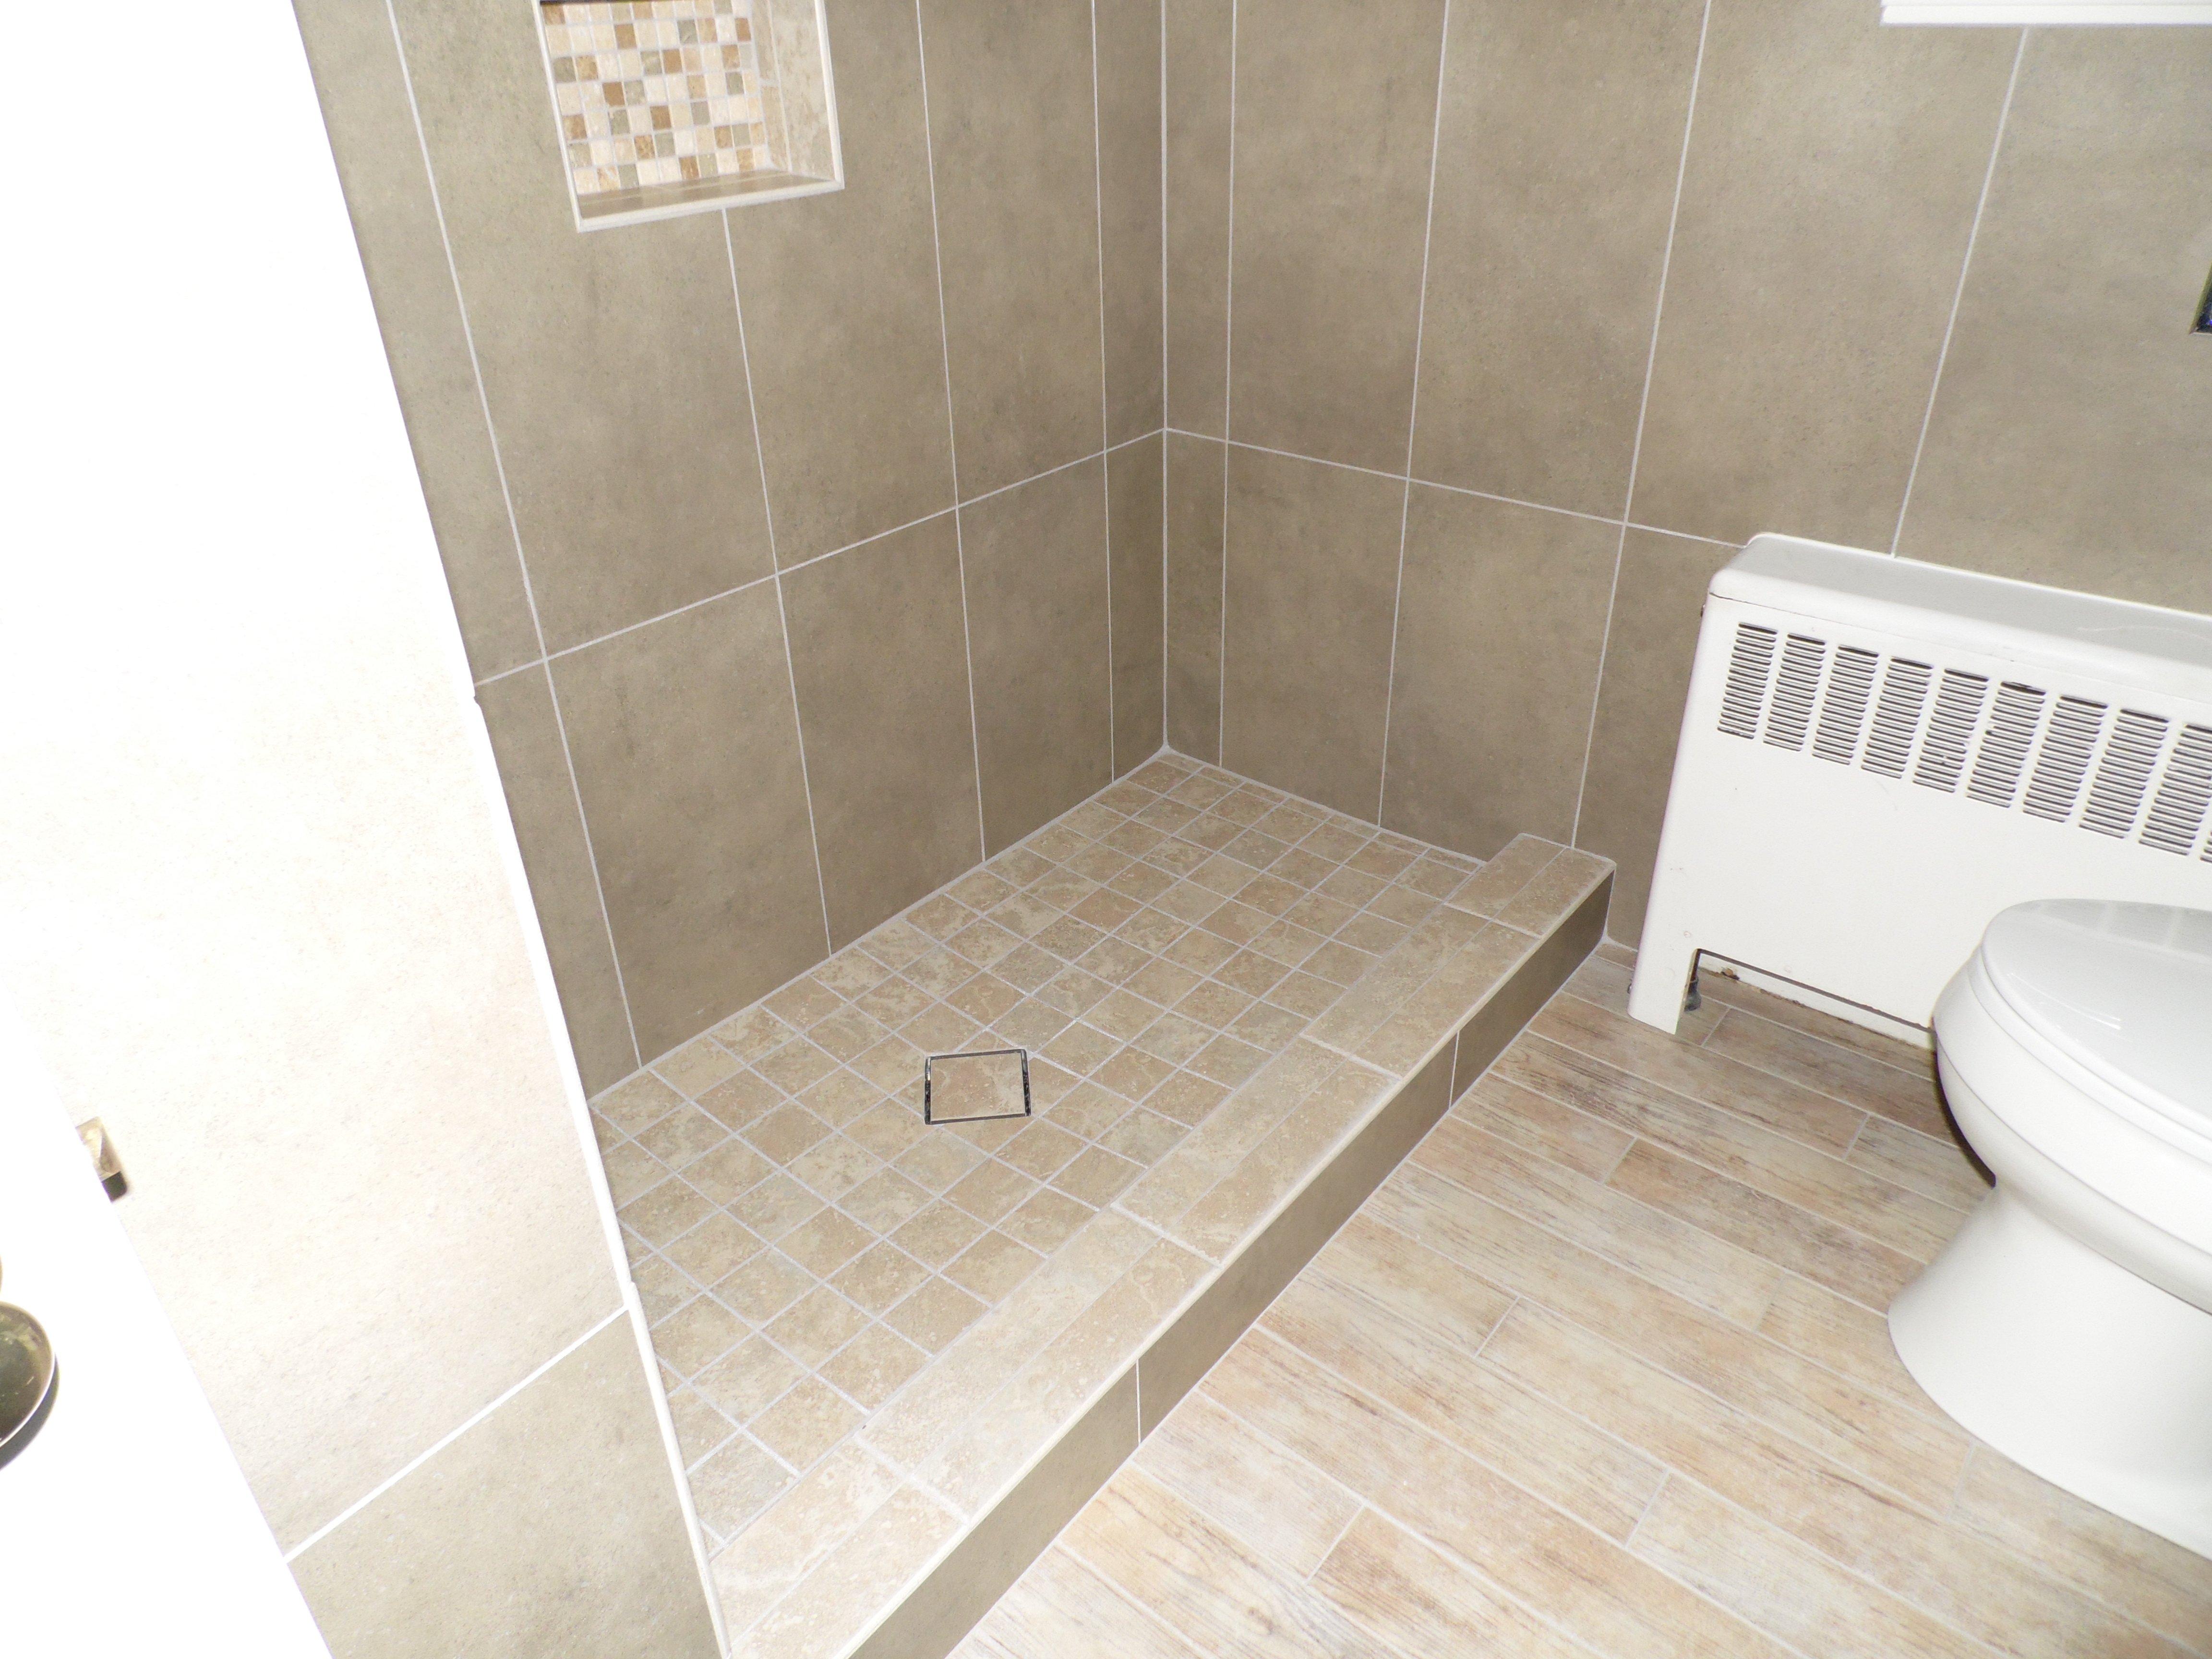 10 Wonderful Small Bathroom Tile Floor Ideas ideas of marvelous bathroom floor tile ideas for small bathrooms 2020